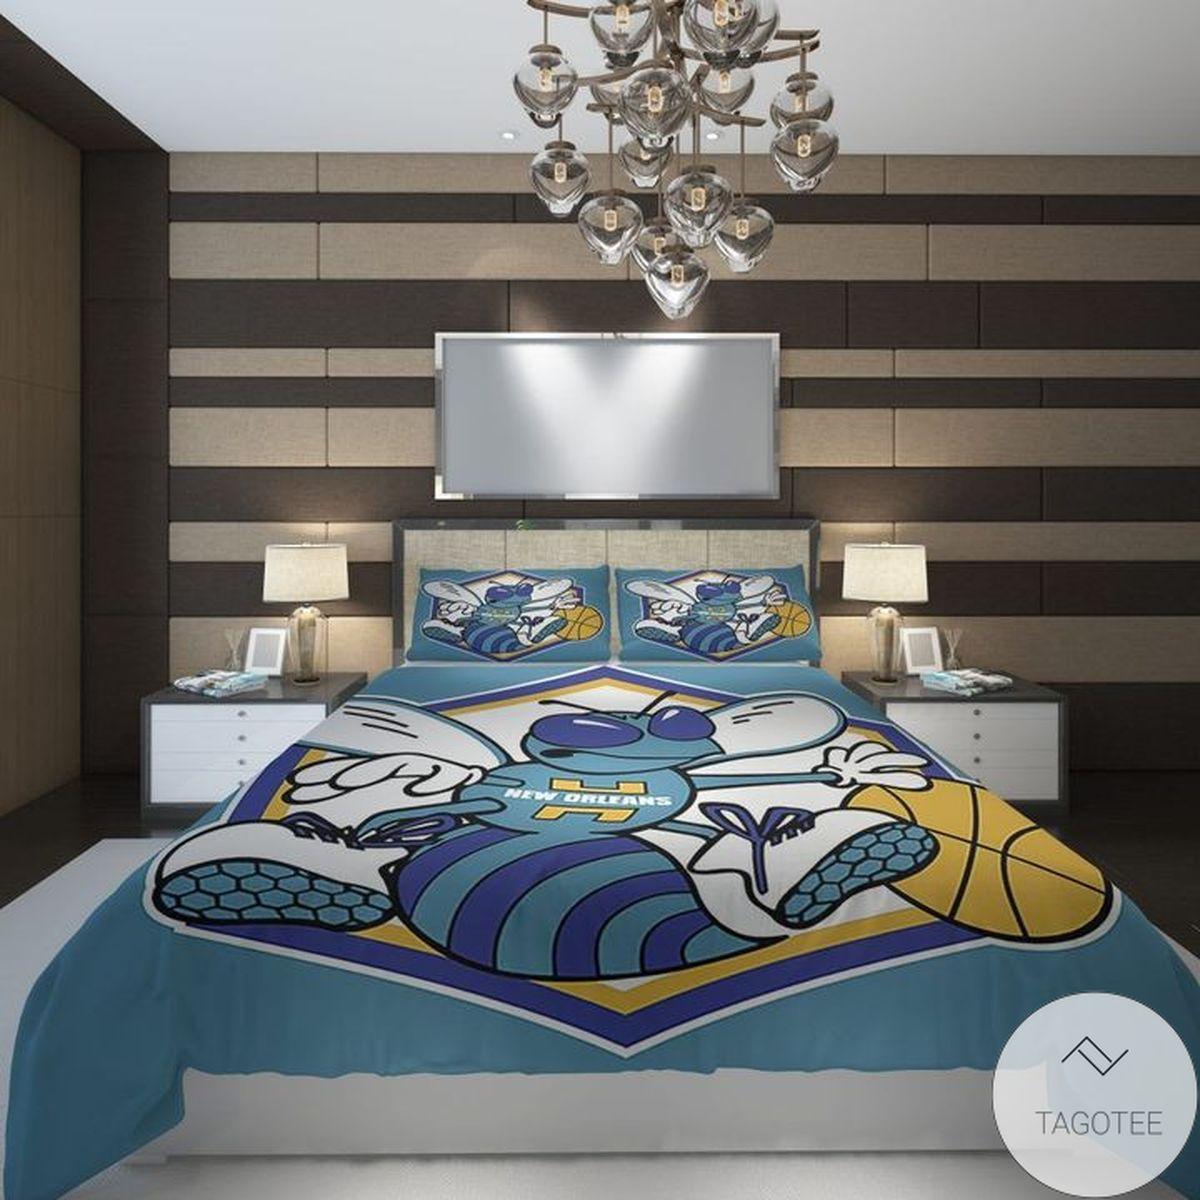 Charlotte Hornets Basketball Bedding Set